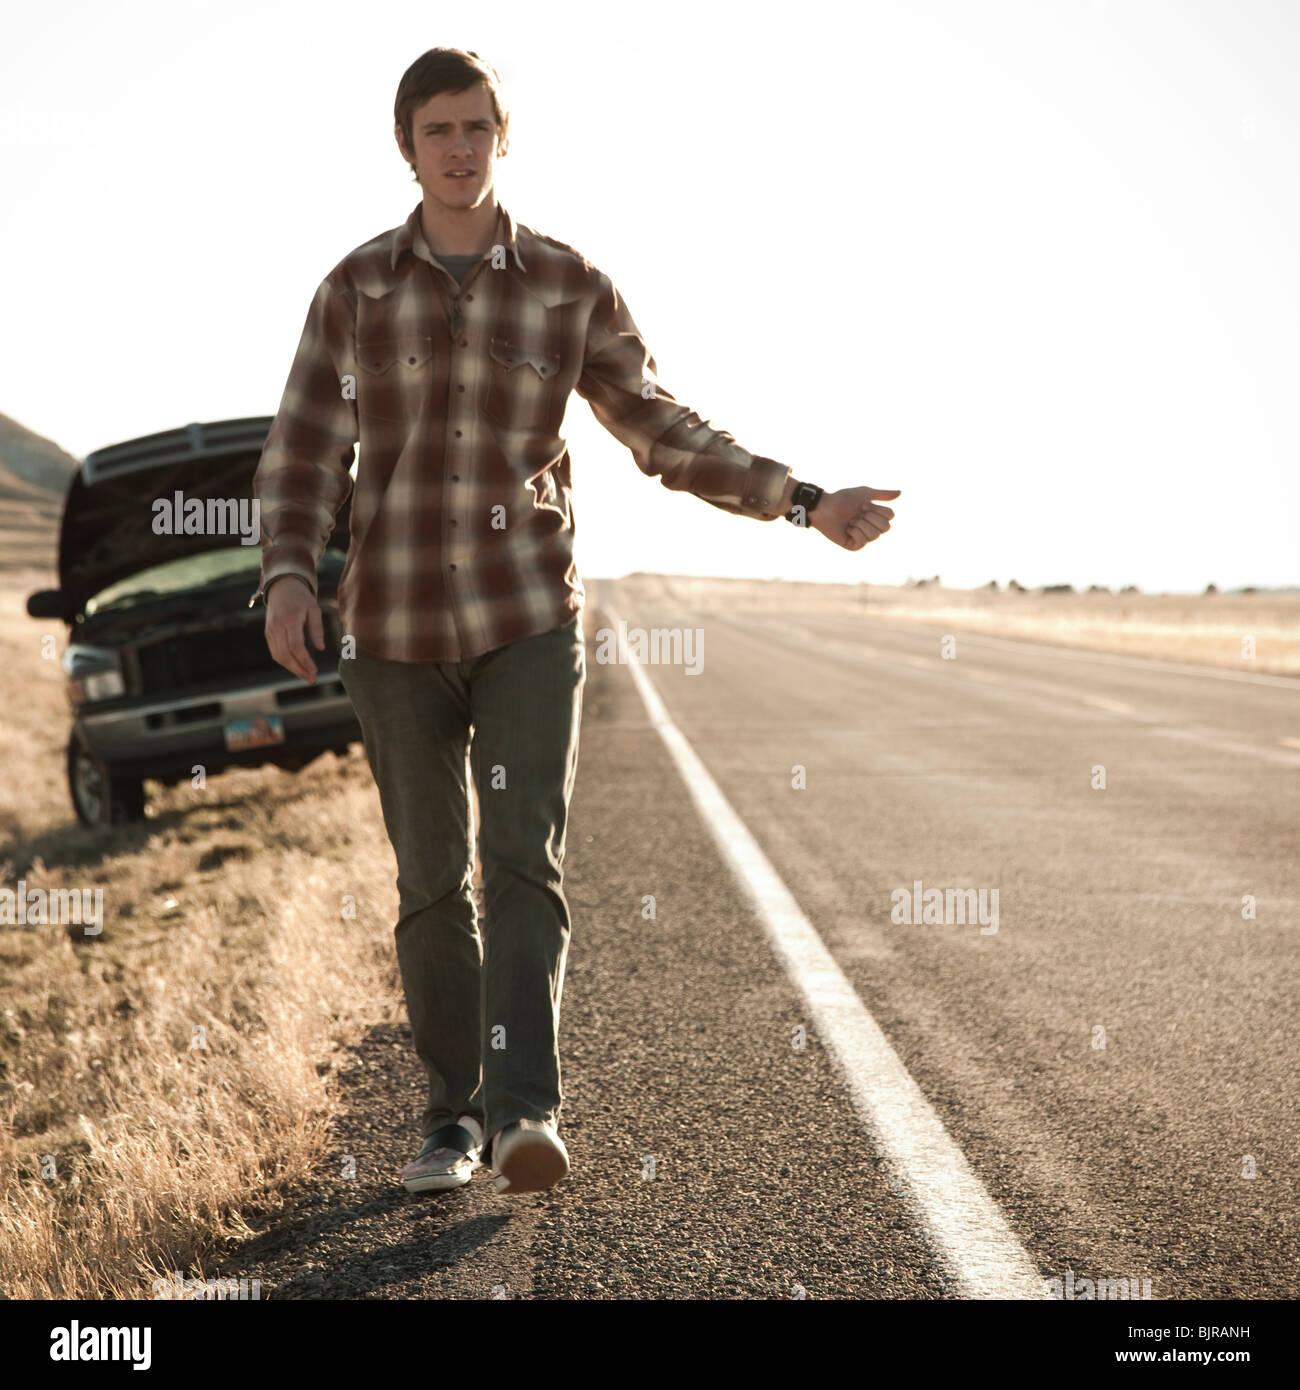 USA, Utah, man hailing on road, broken car in background - Stock Image